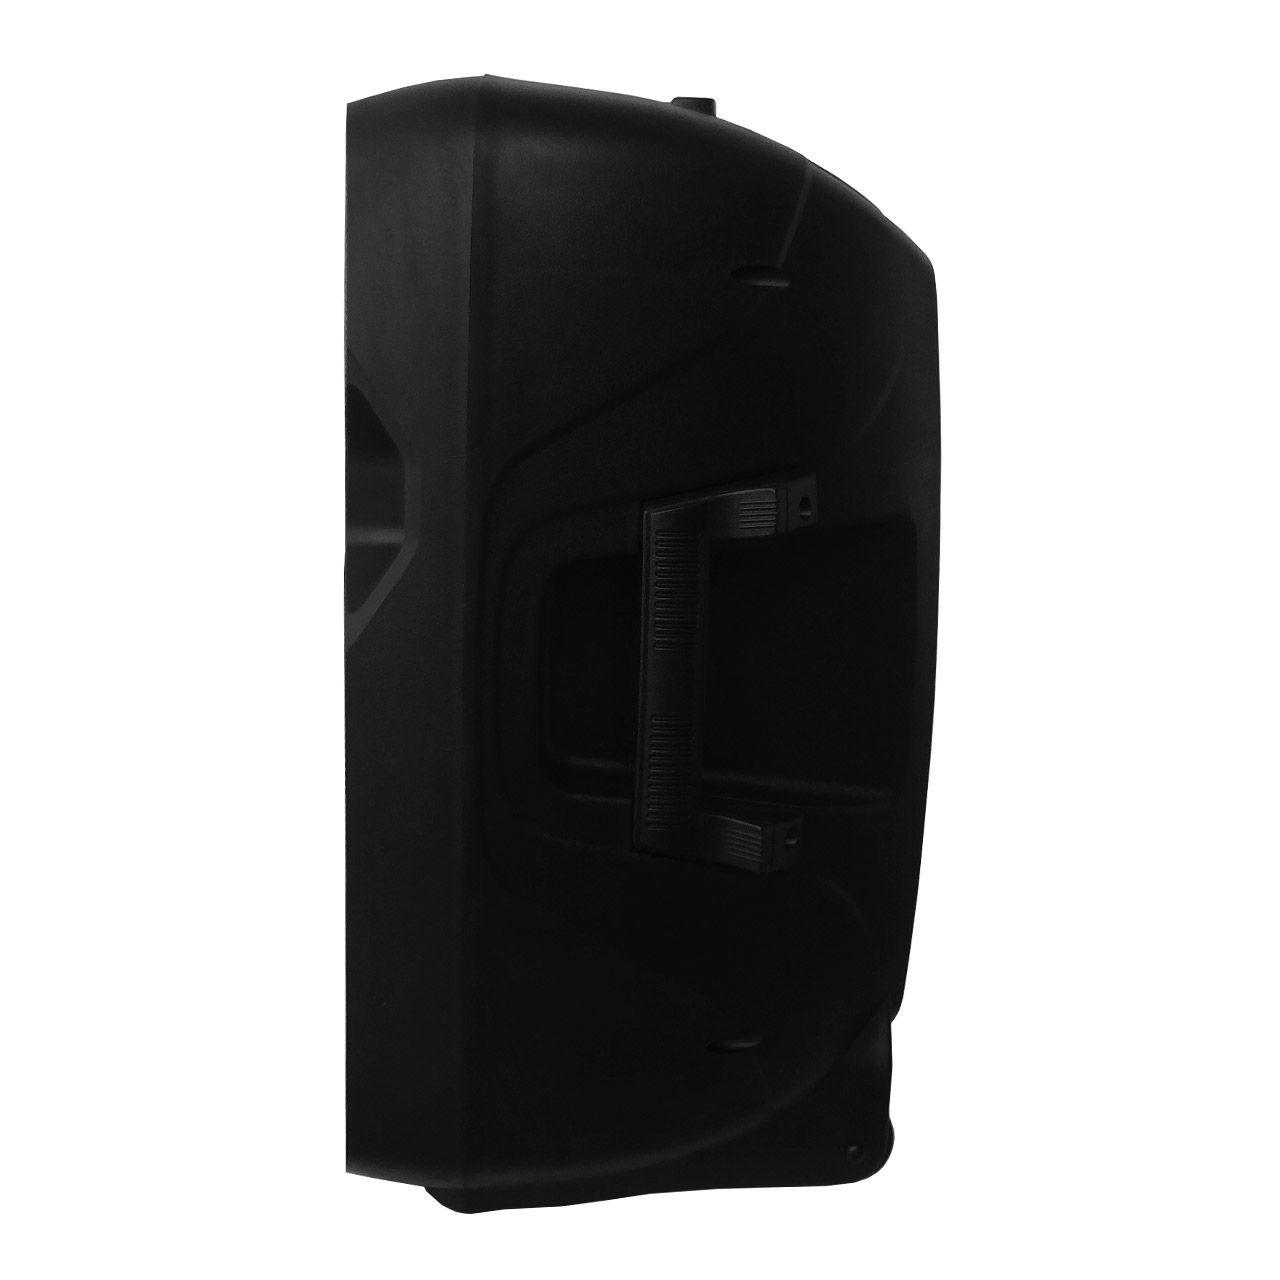 Caixa De Som Ativa Wls S15 Bluetooth 250w Rms Falante 15 + Tripé